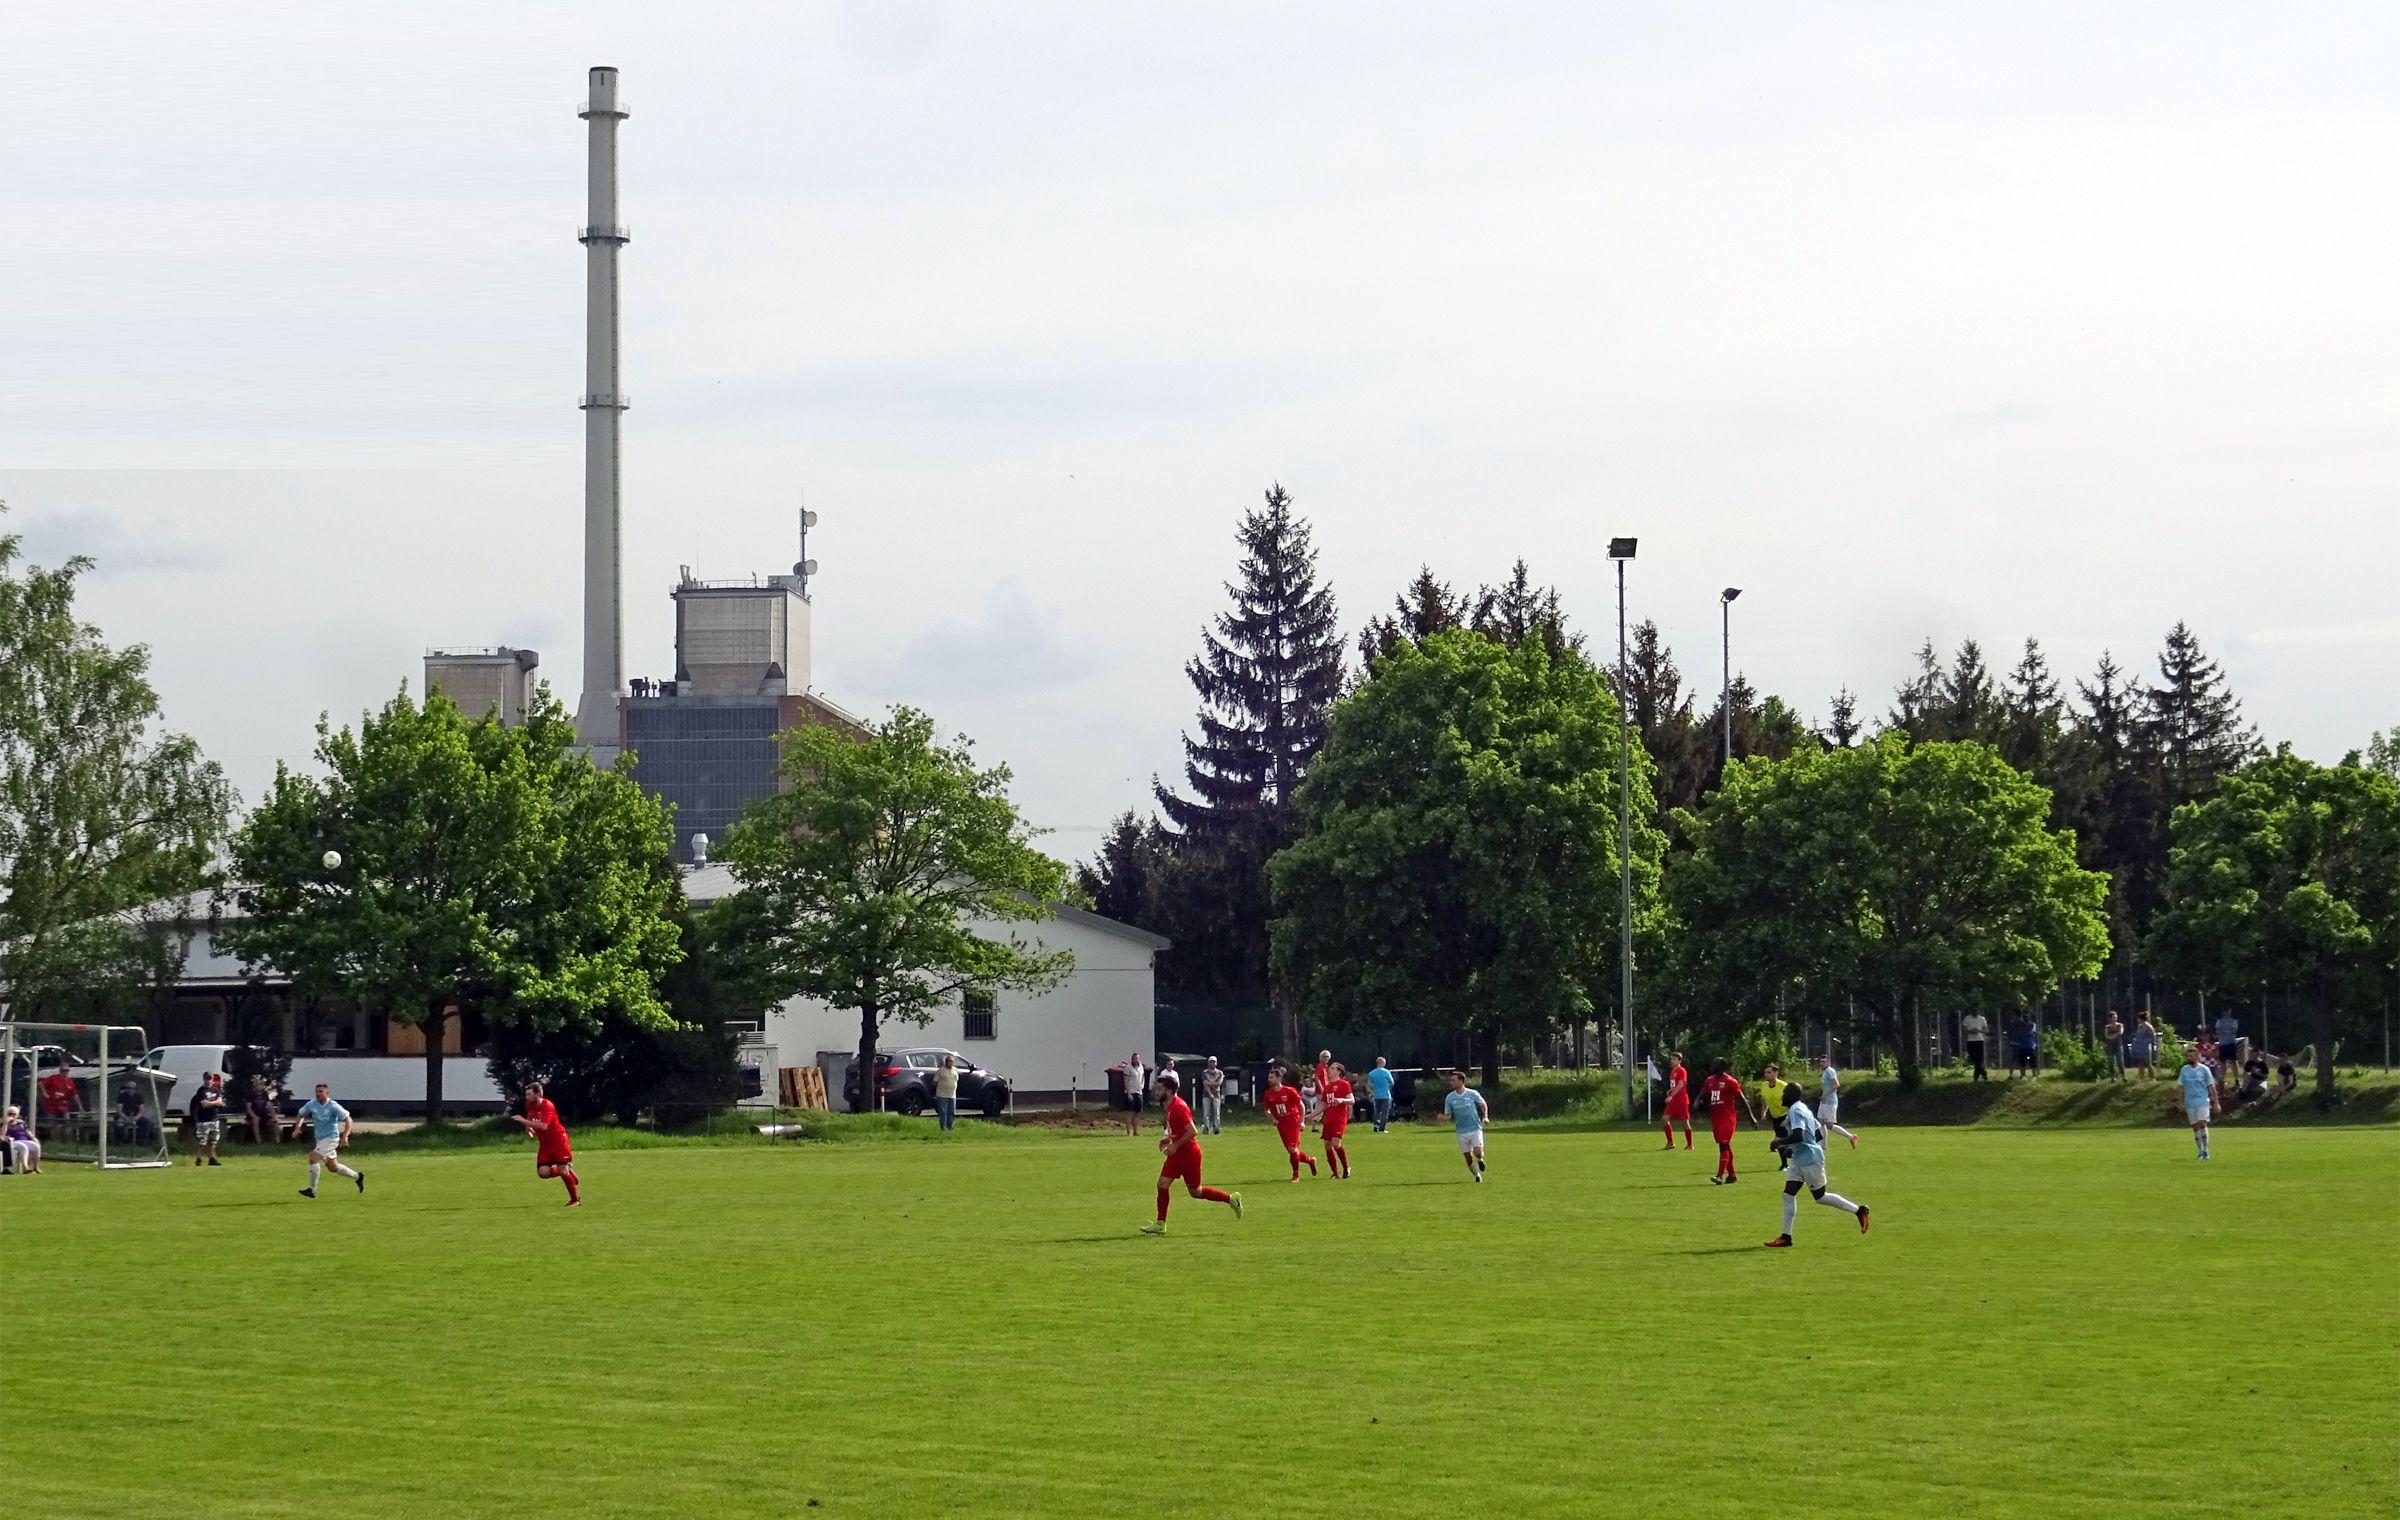 Das Heizkraftwerk im Hintergrund…